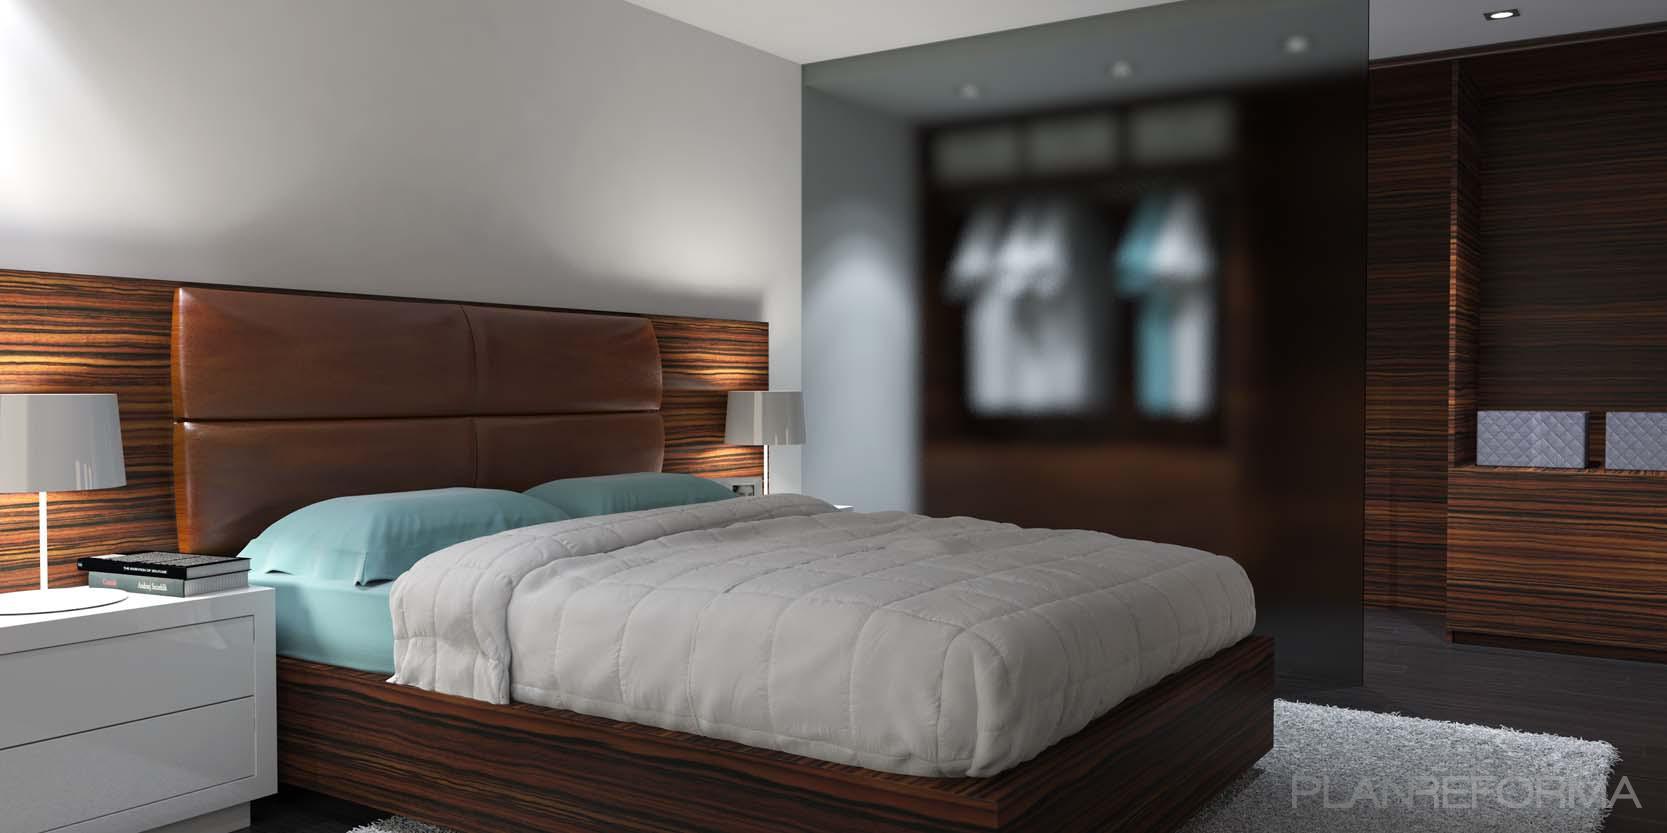 Dormitorio style contemporaneo color turquesa marron - Dormitorios contemporaneos ...